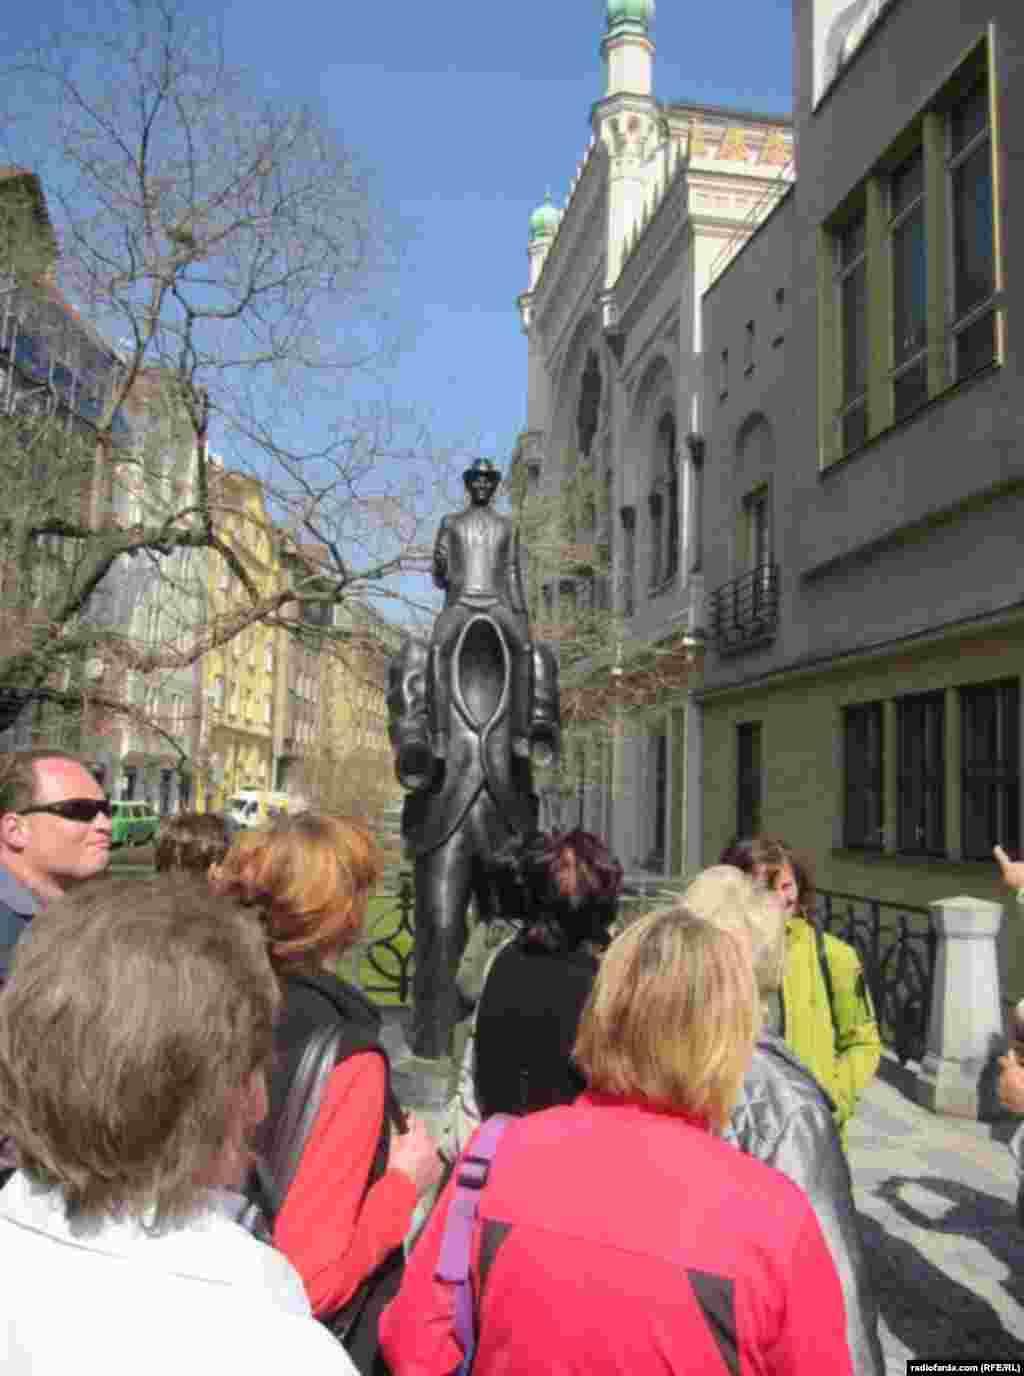 نمای دیگری از تندیس یادبود کافکا در کنار کنیسه اسپانیاییها و گردشگران مشتاق